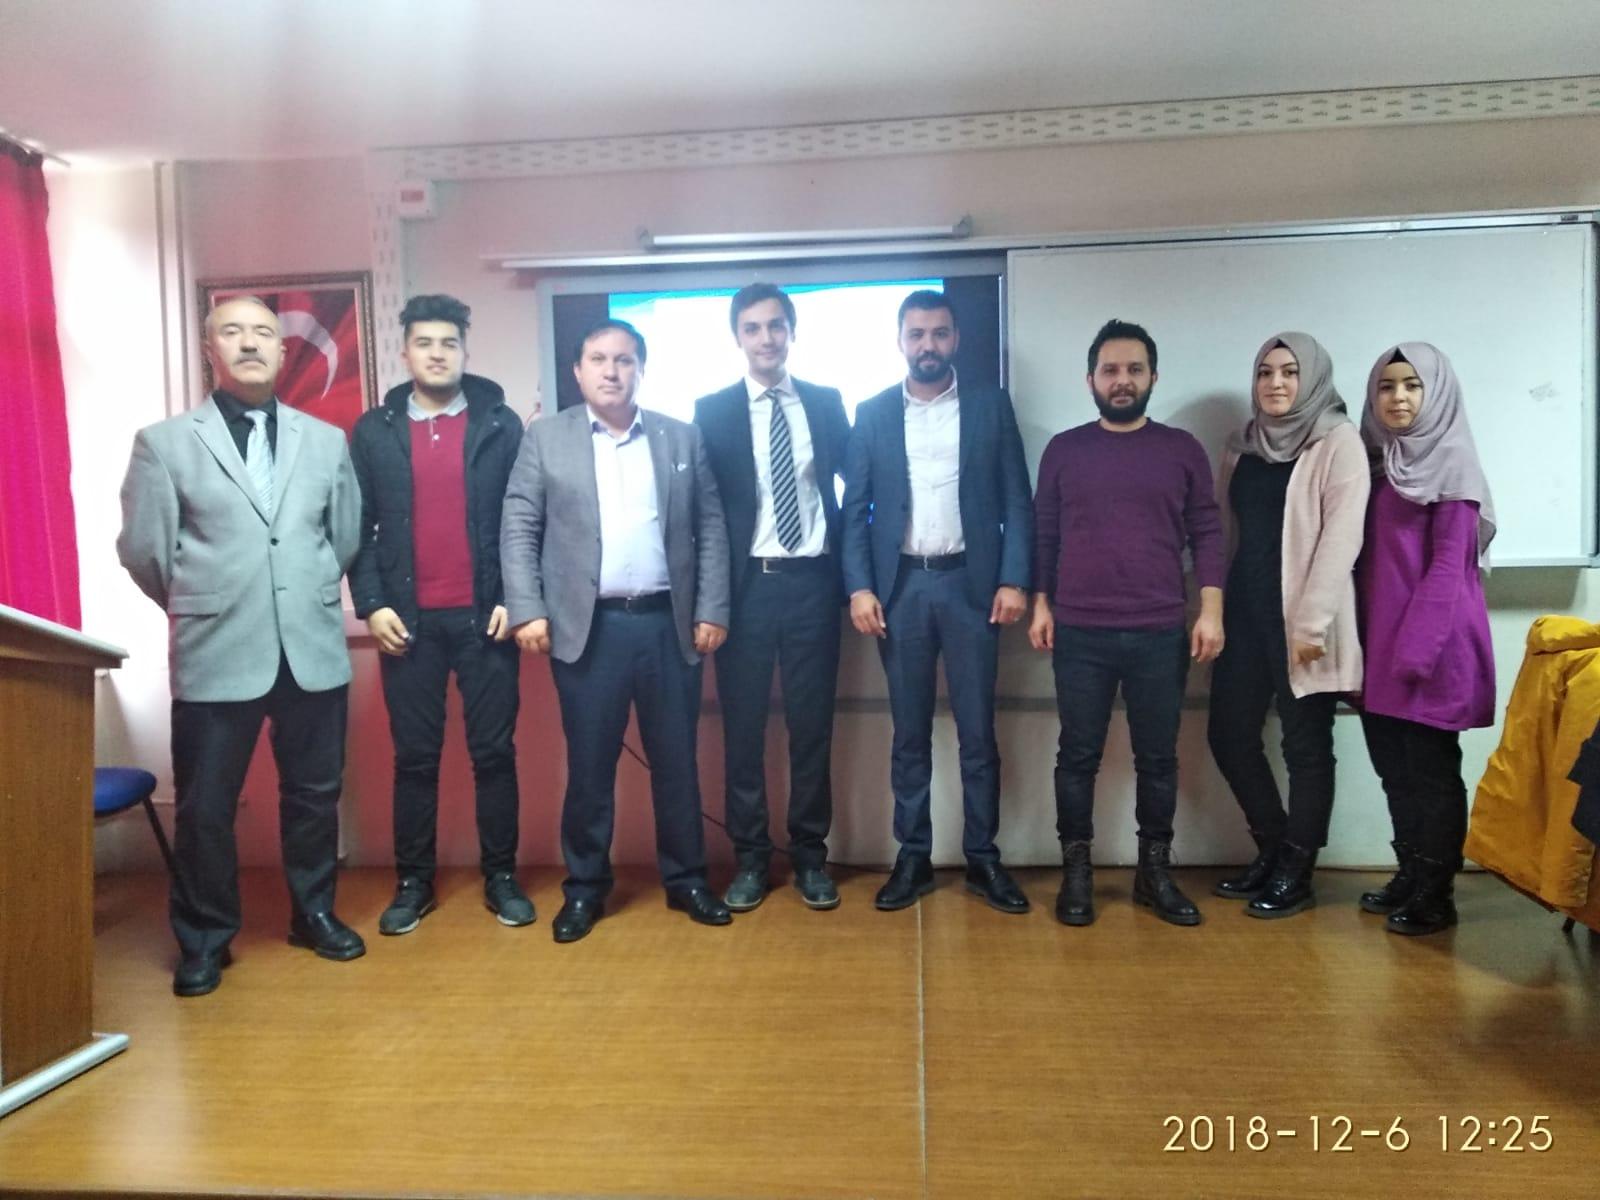 İŞKUR'dan Öğrencilere Meslek  Seçimi ve Kişisel Farkındalık Eğitimi